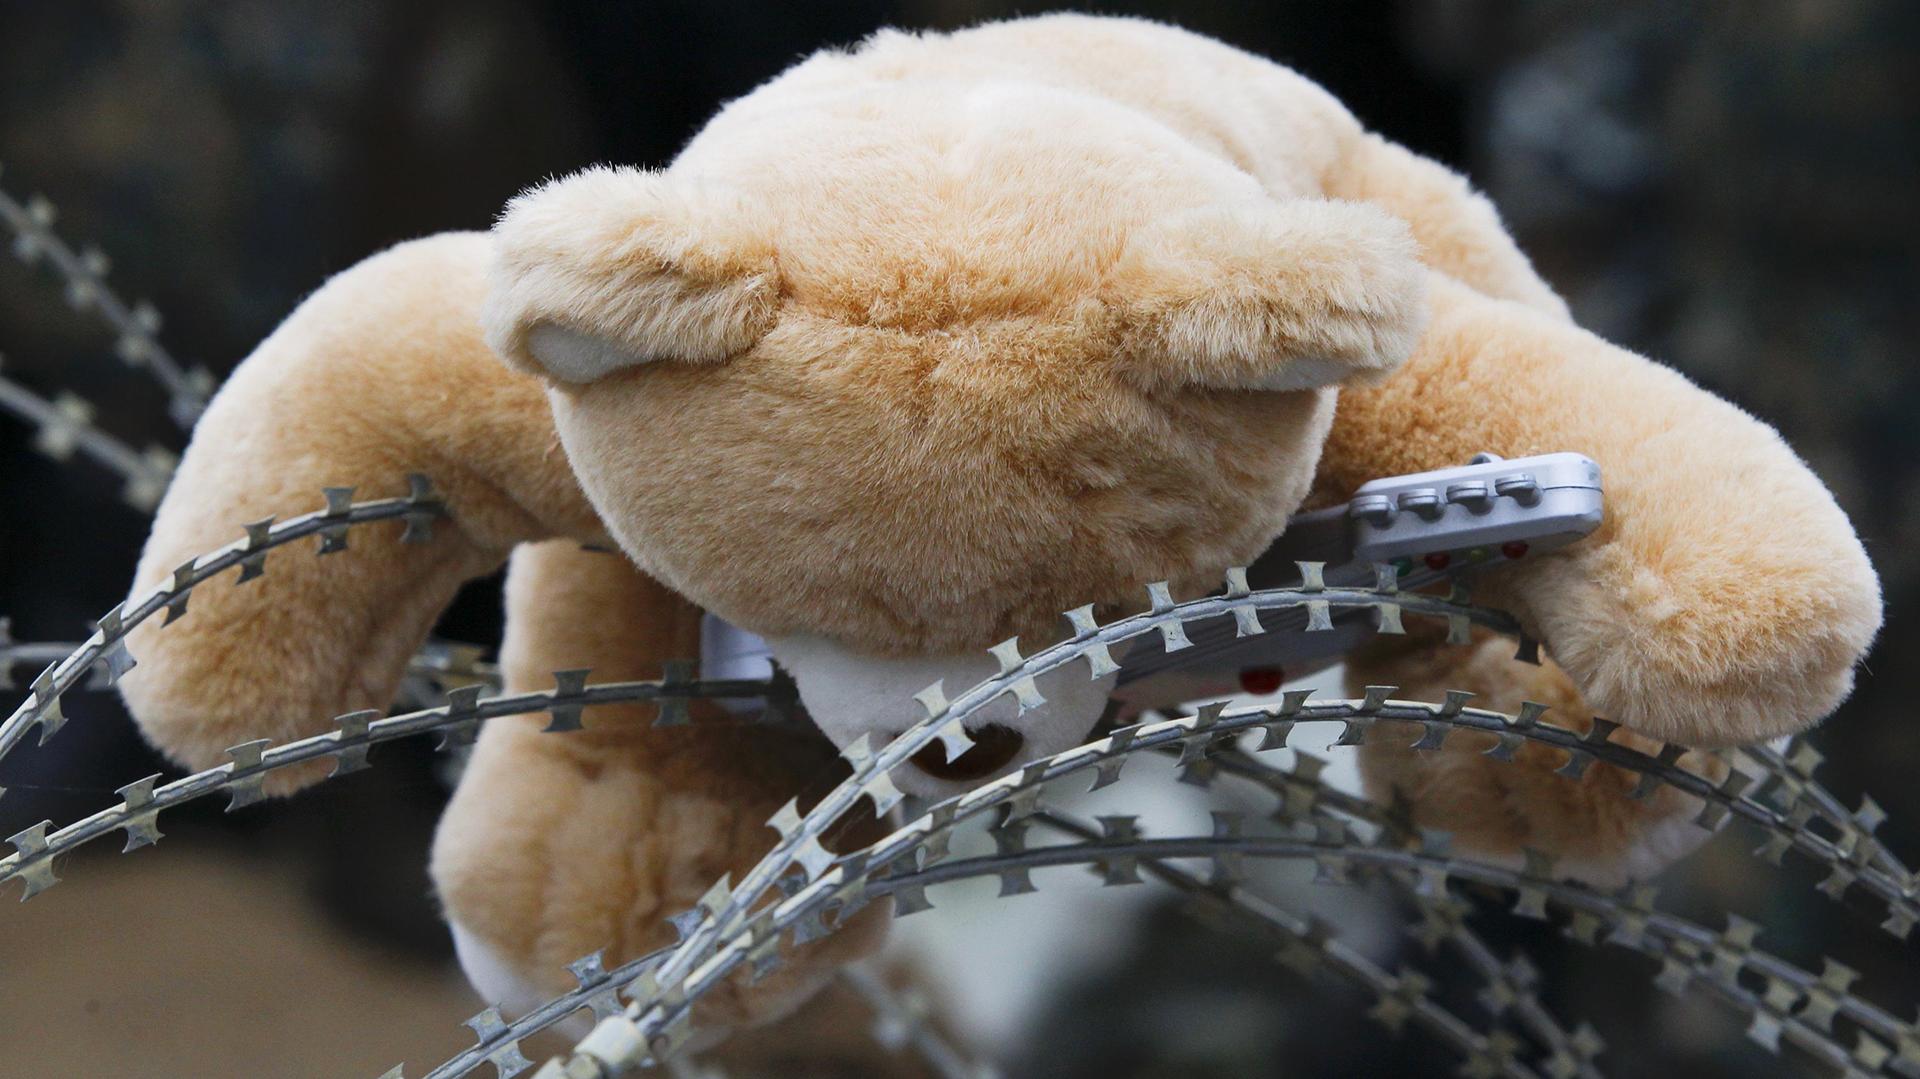 Un oso de peluche olvidado por migrantes en una reja, en la frontera entre Macedonia y Grecia (REUTERS)